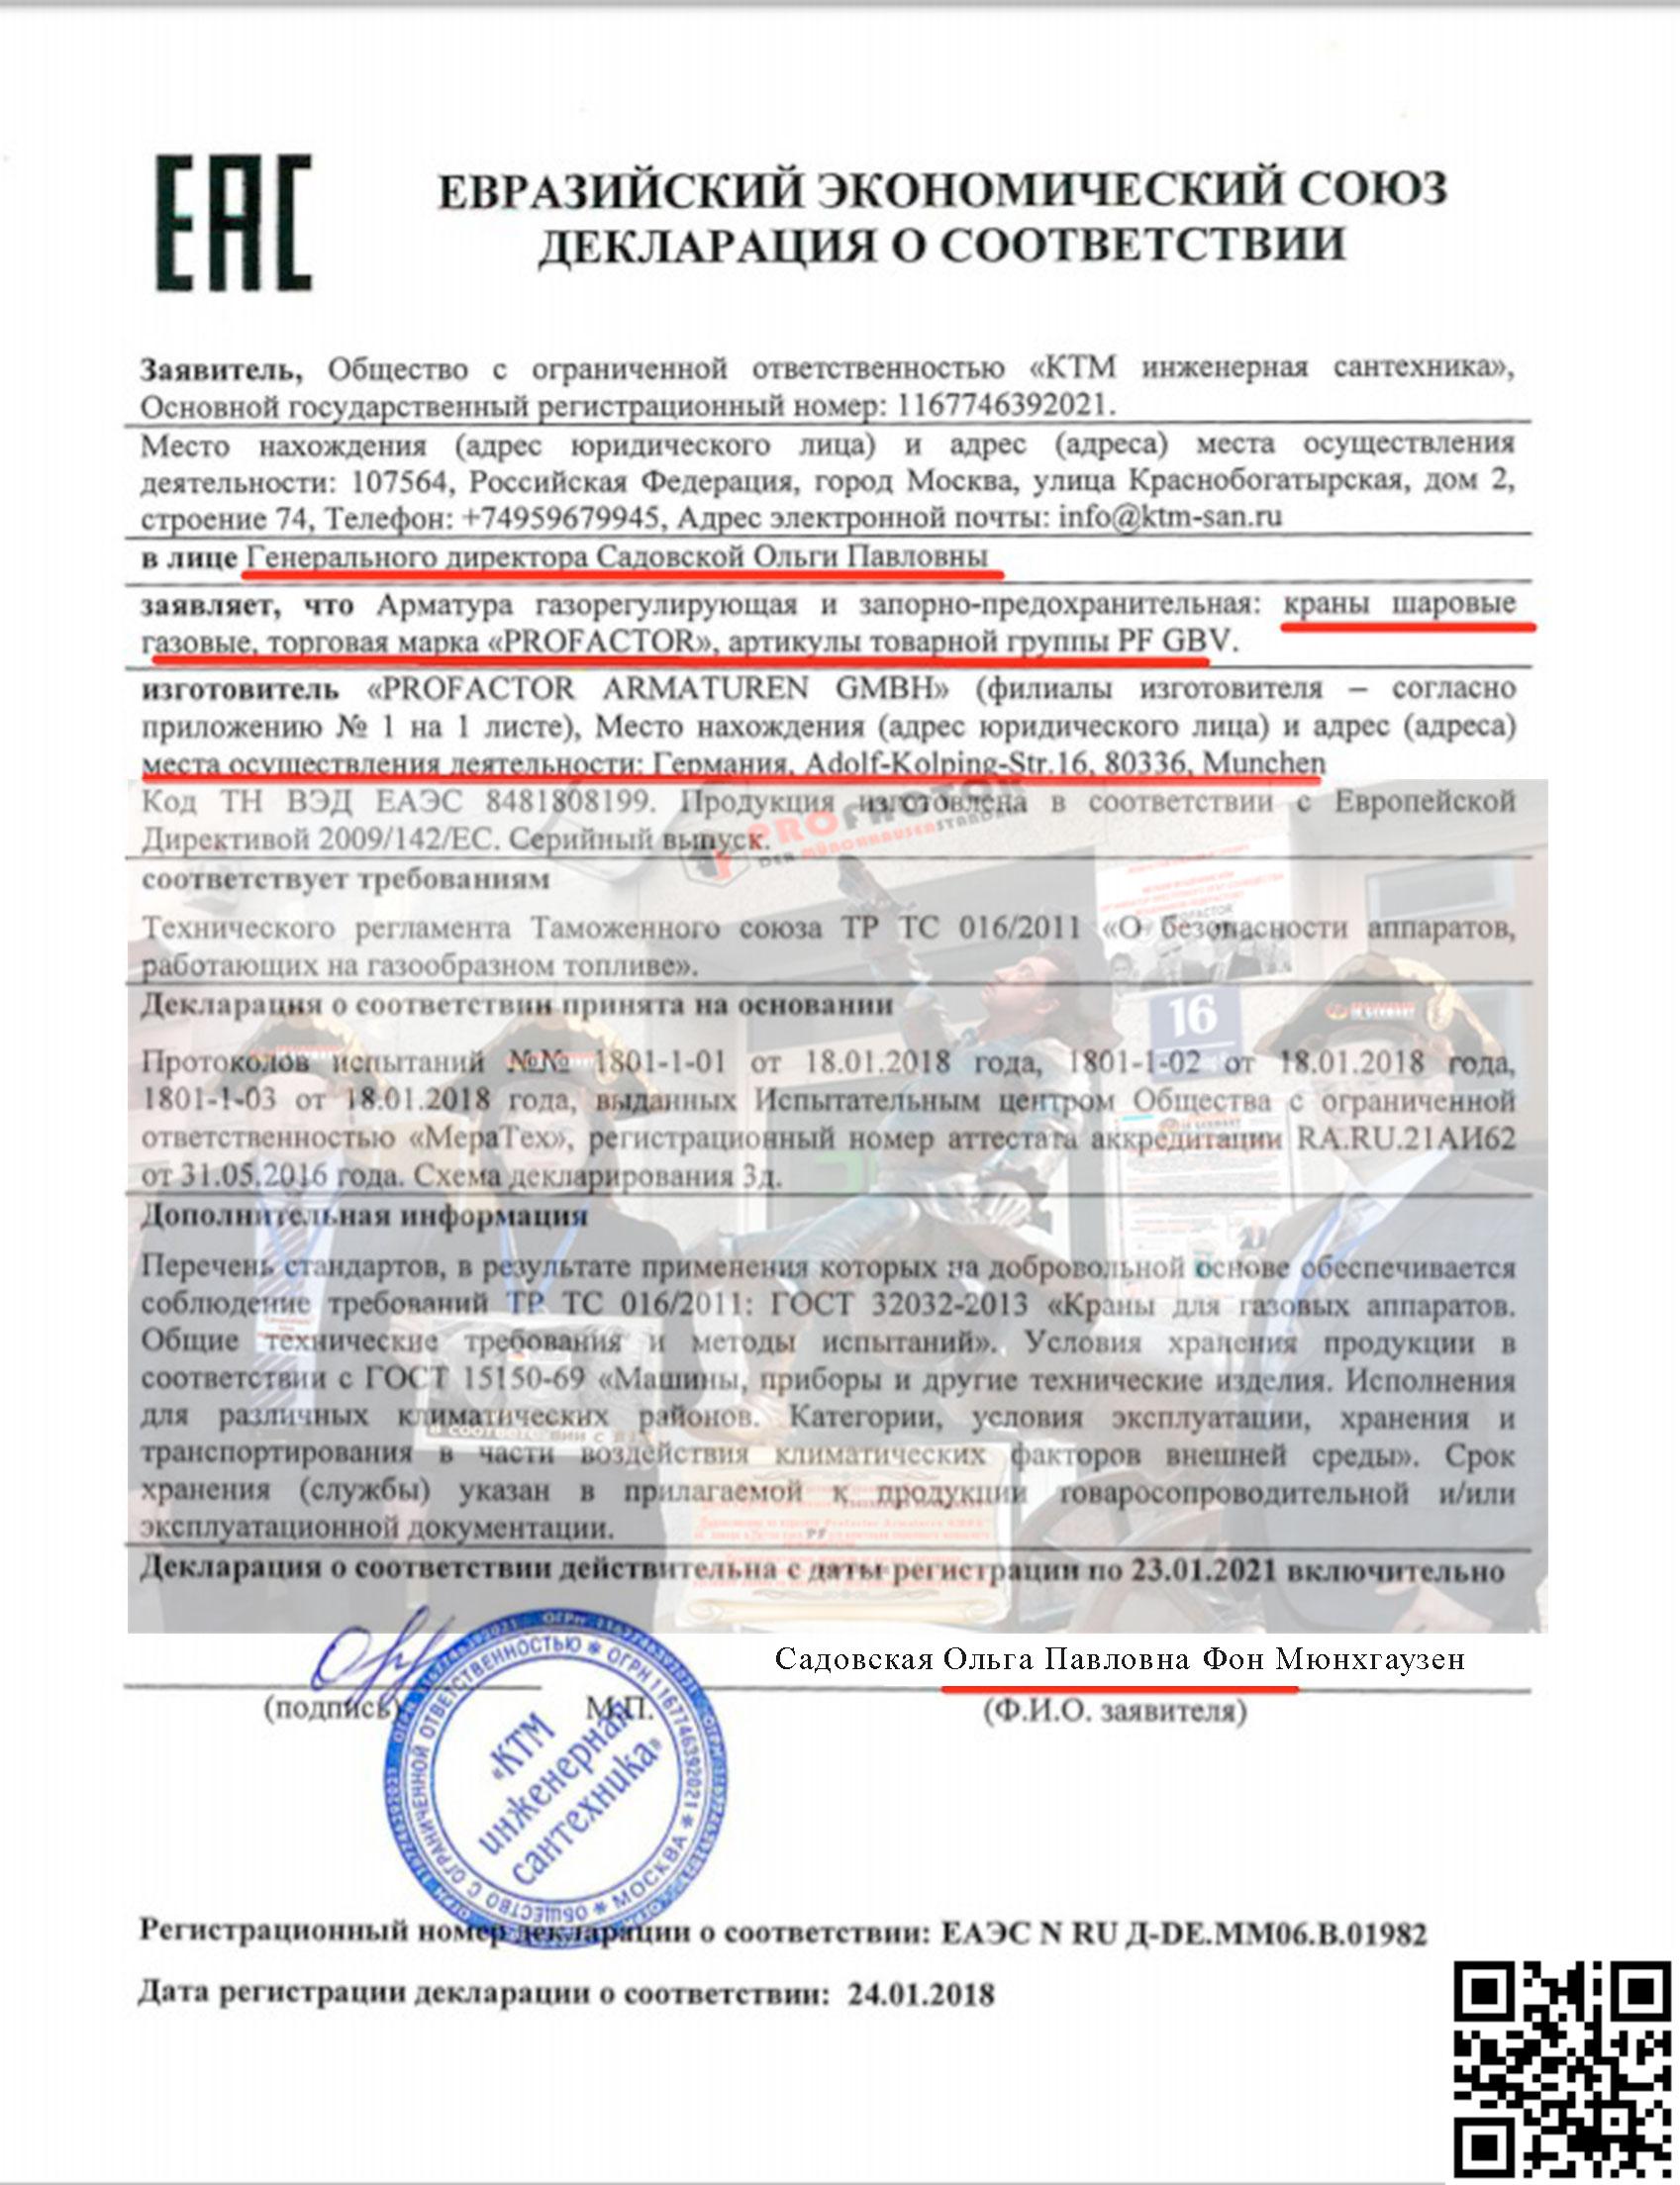 Профактор Сантехника Садовская